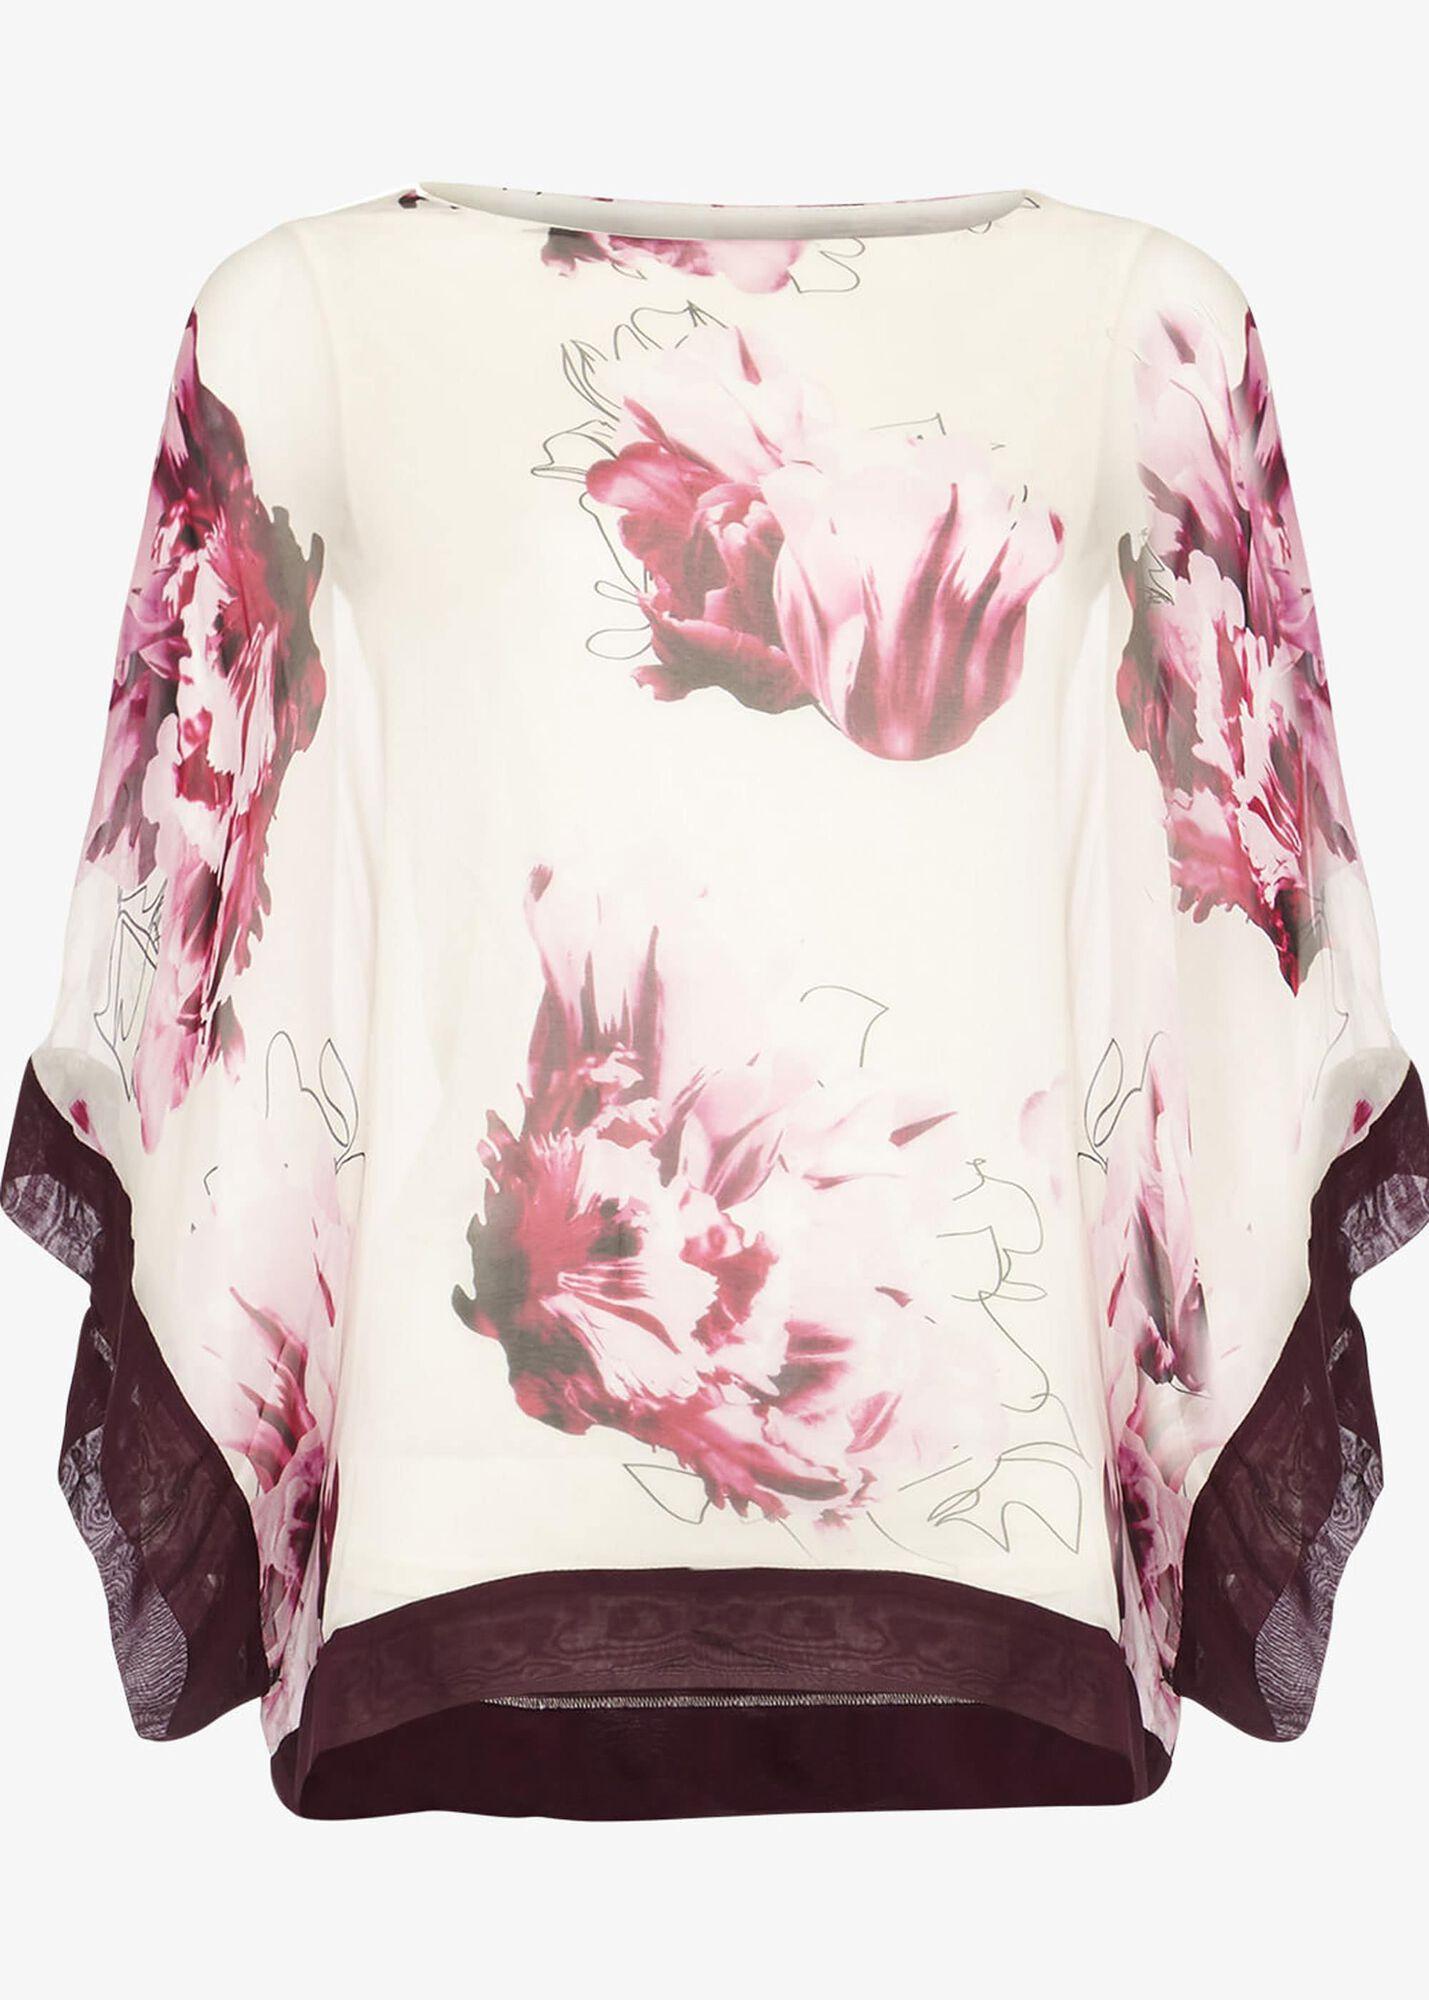 bf1e5a842ec02a Peony Floral Silk Blouse. Previous Next